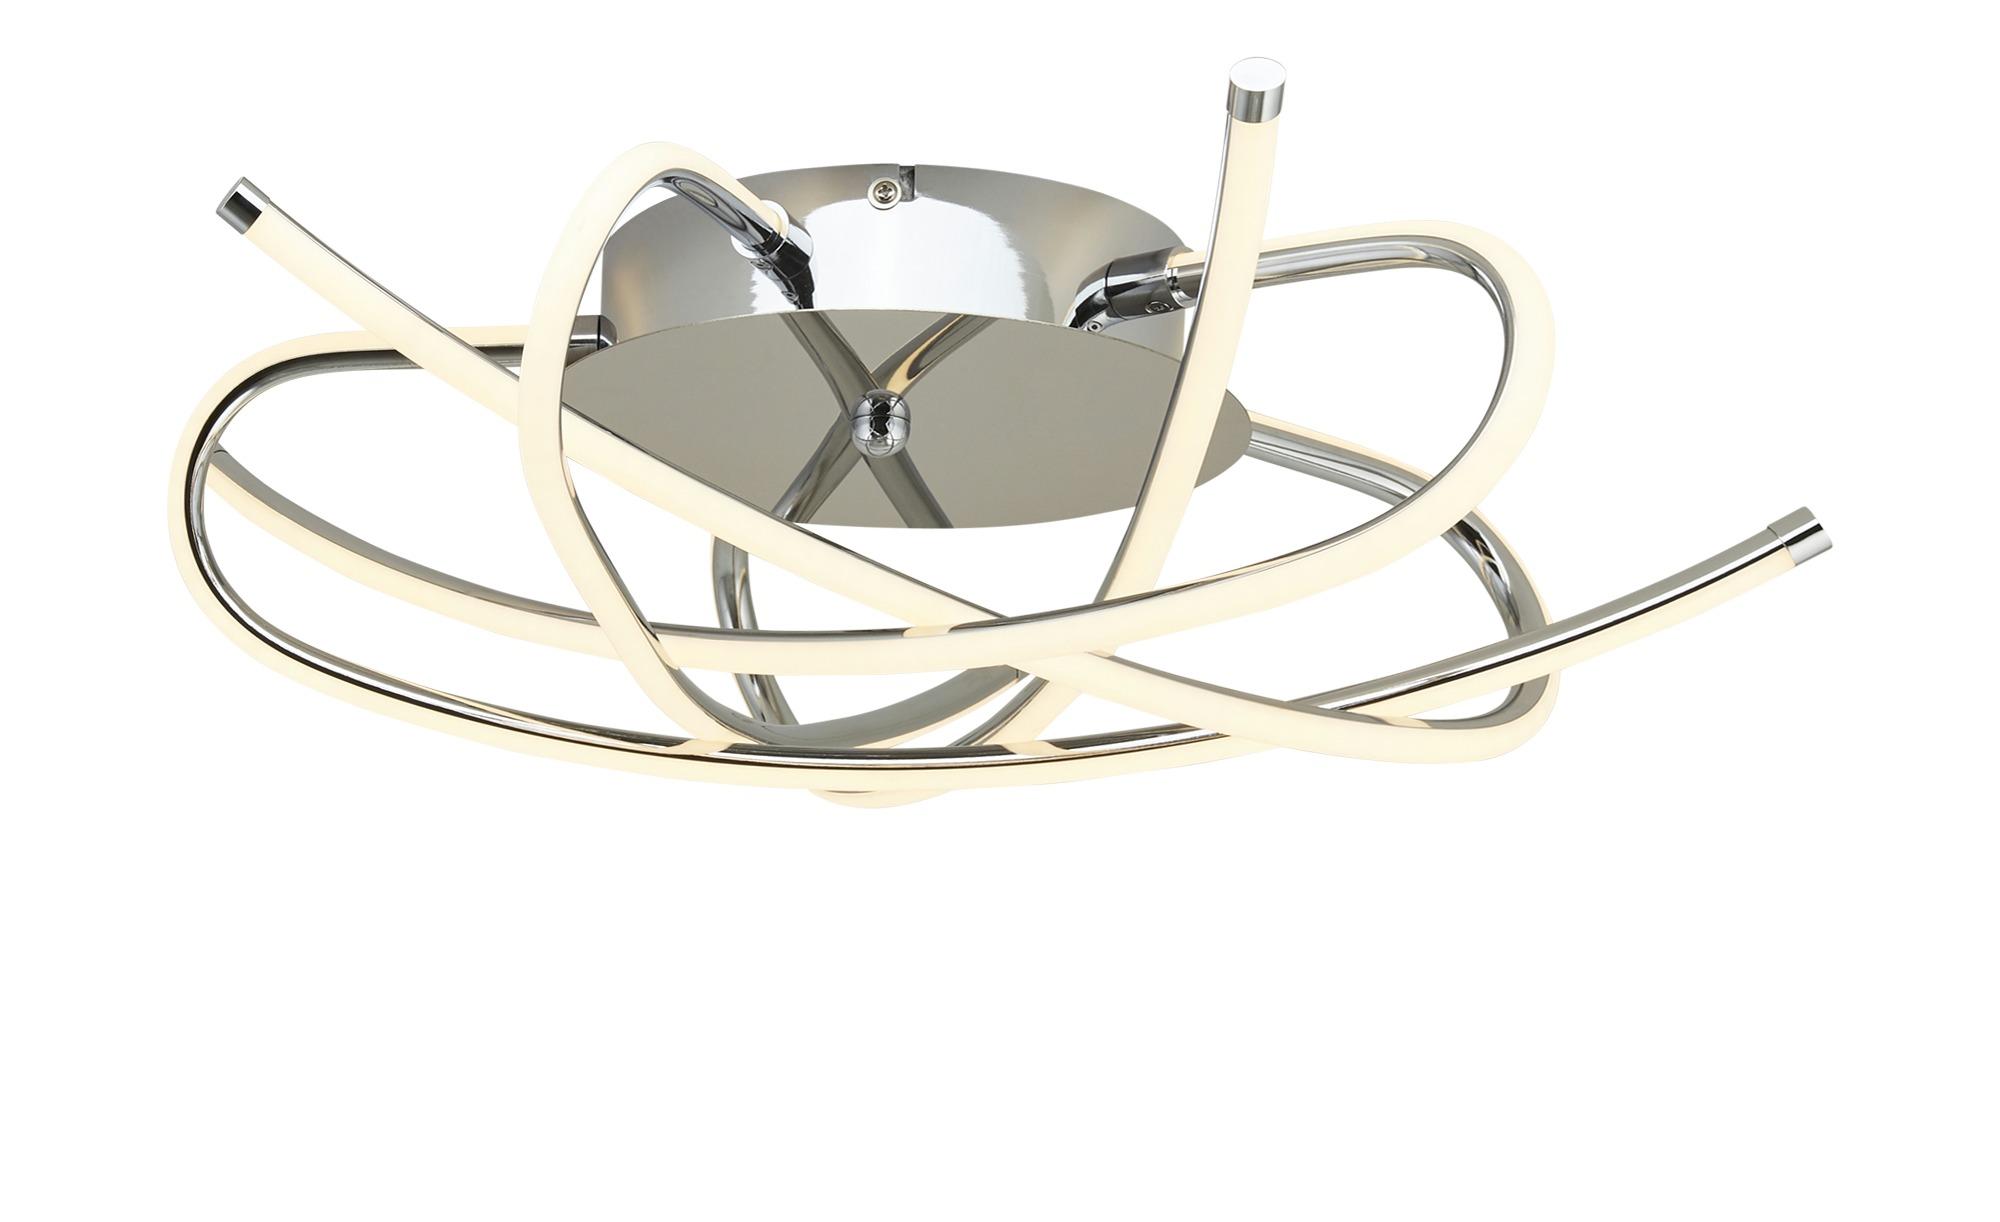 KHG LED-Deckenleuchte, 5-flammig, Chrom ¦ silber ¦ Maße (cm): H: 14 Ø: [52.0] Lampen & Leuchten > Innenleuchten > Deckenleuchten - Höffner